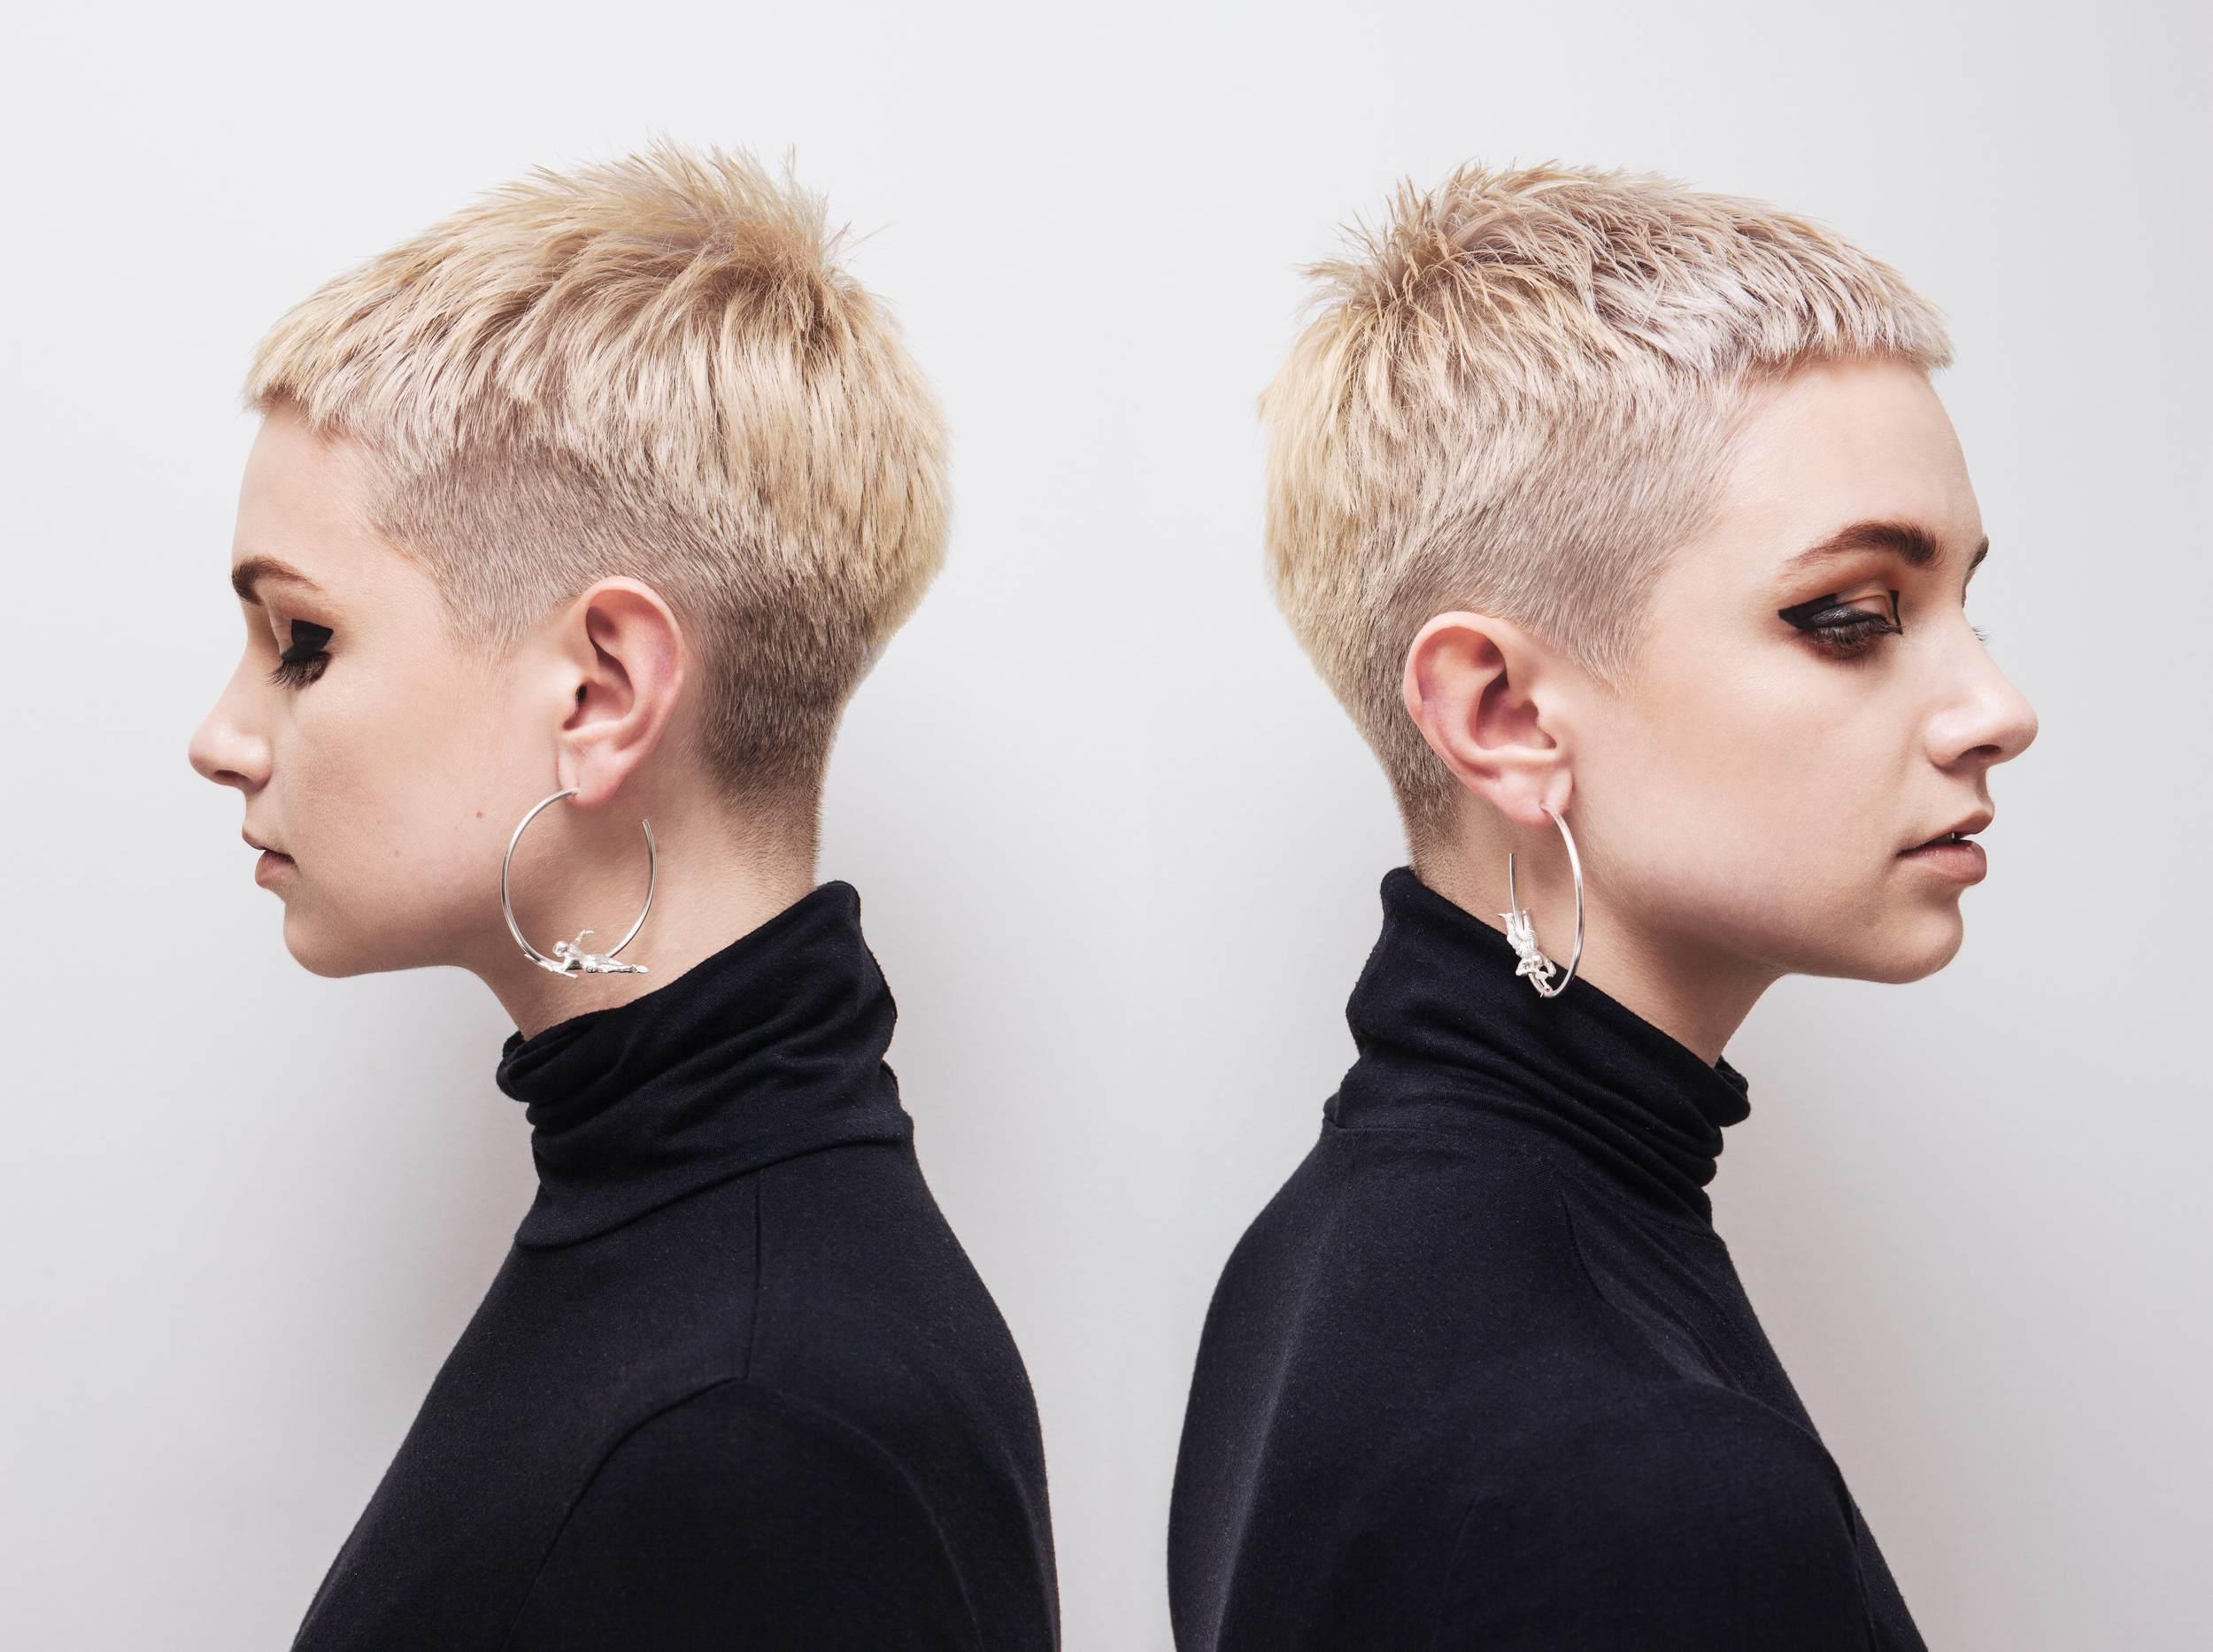 Debbie_highres-earring merge3size.jpg